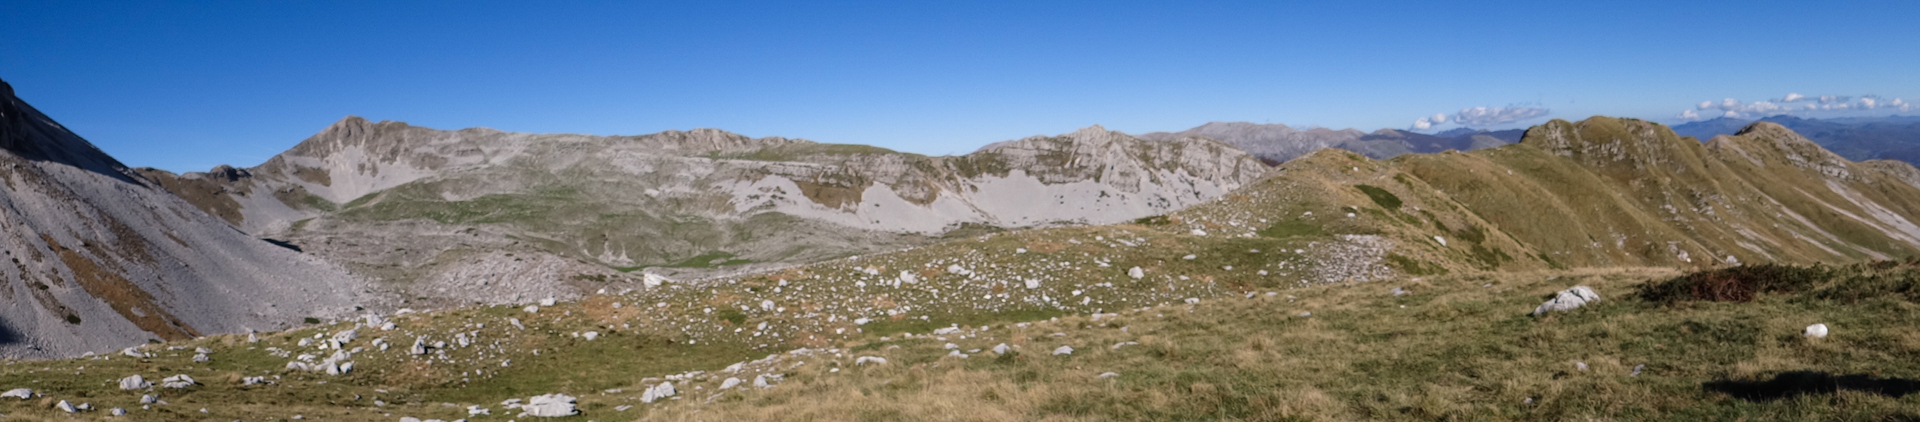 paysage des abruzzes